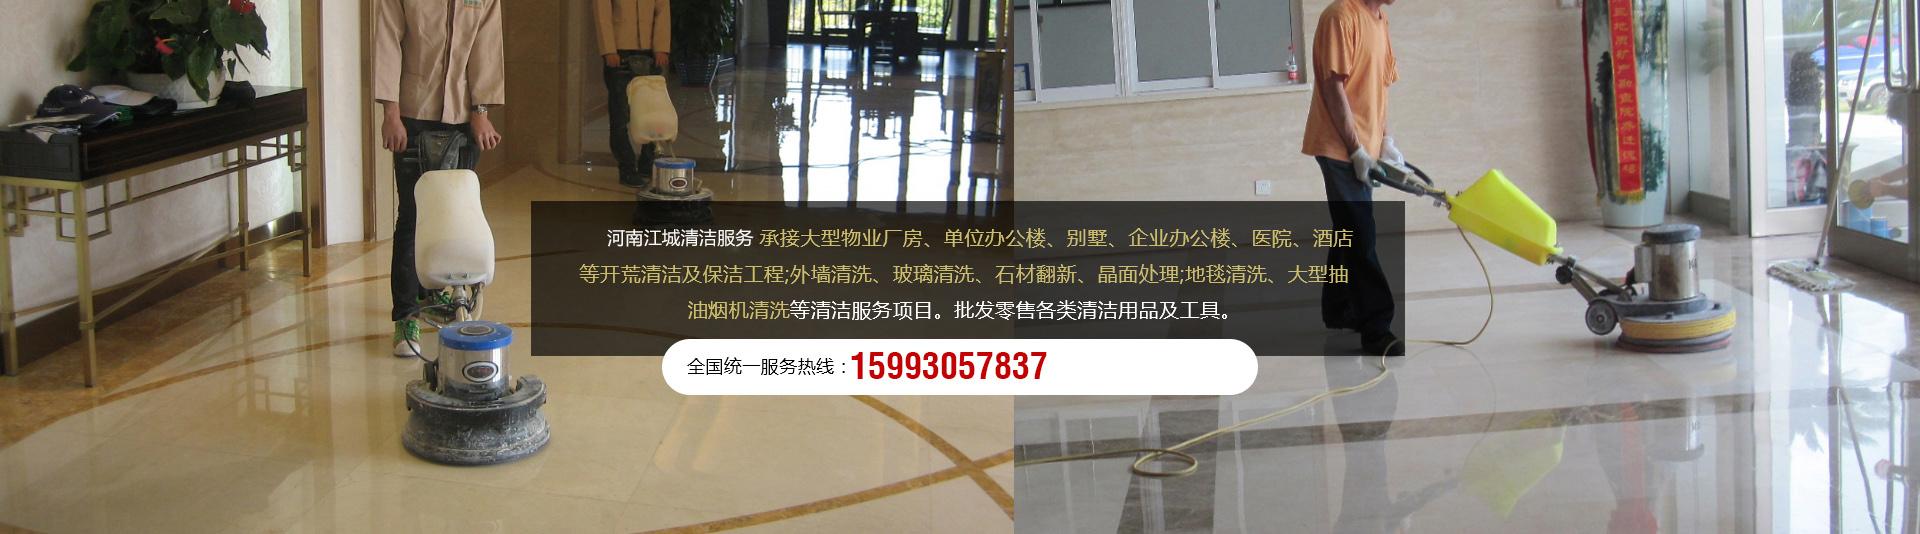 :新乡外墙bwinchina平台|郑州玻璃bwinchina平台|濮阳石材翻新|晶面处理|地毯bwinchina平台|大型抽油烟机bwinchina平台